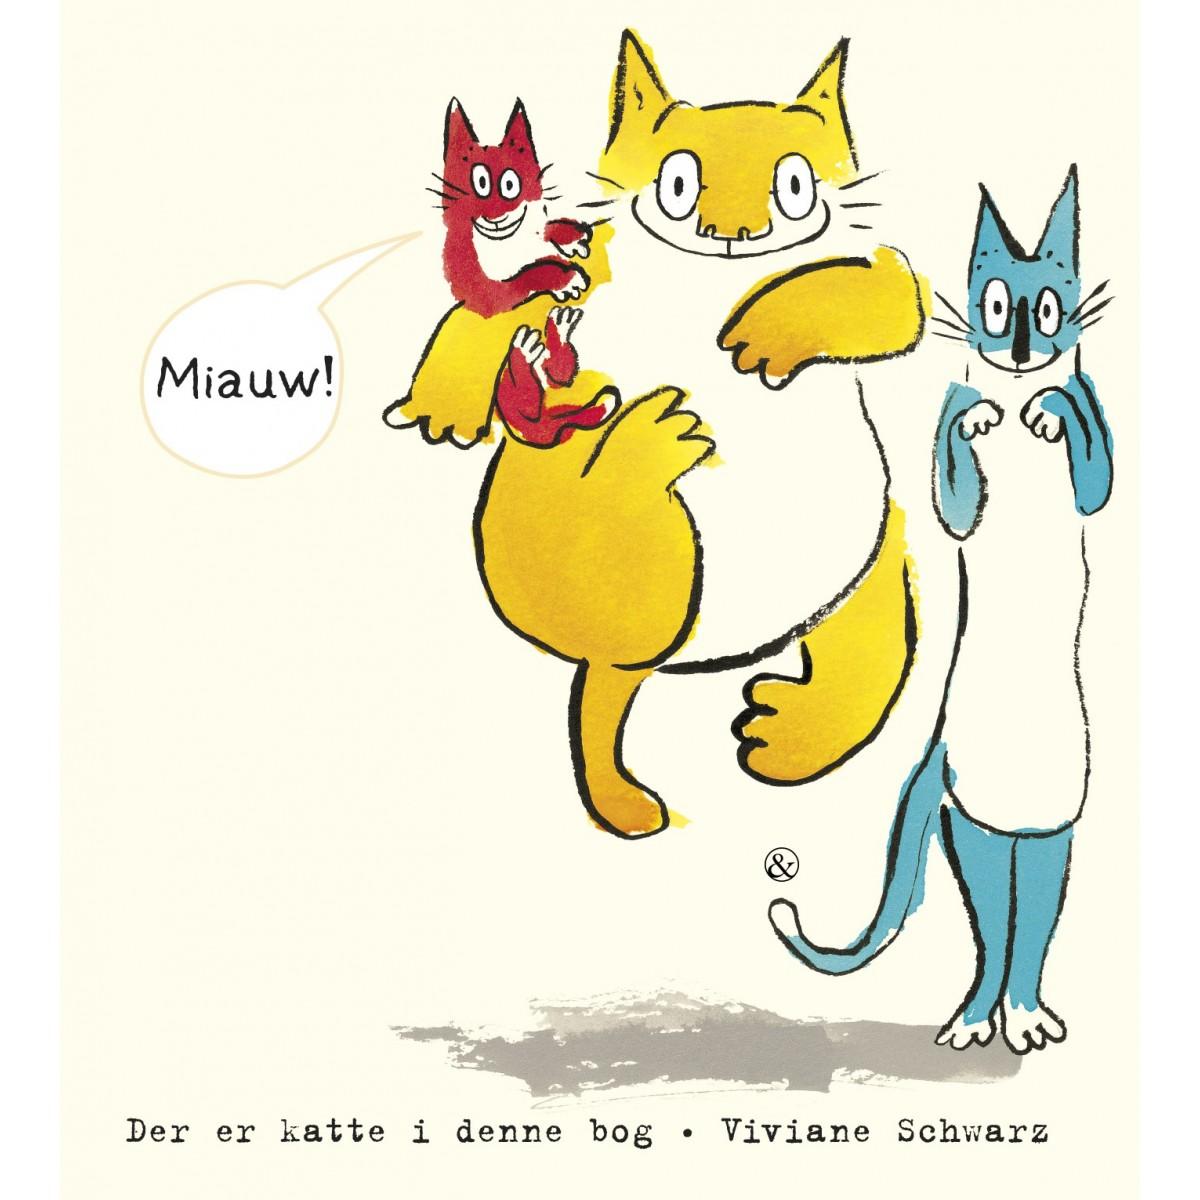 Viviane Schwarz: Der er katte i denne bog